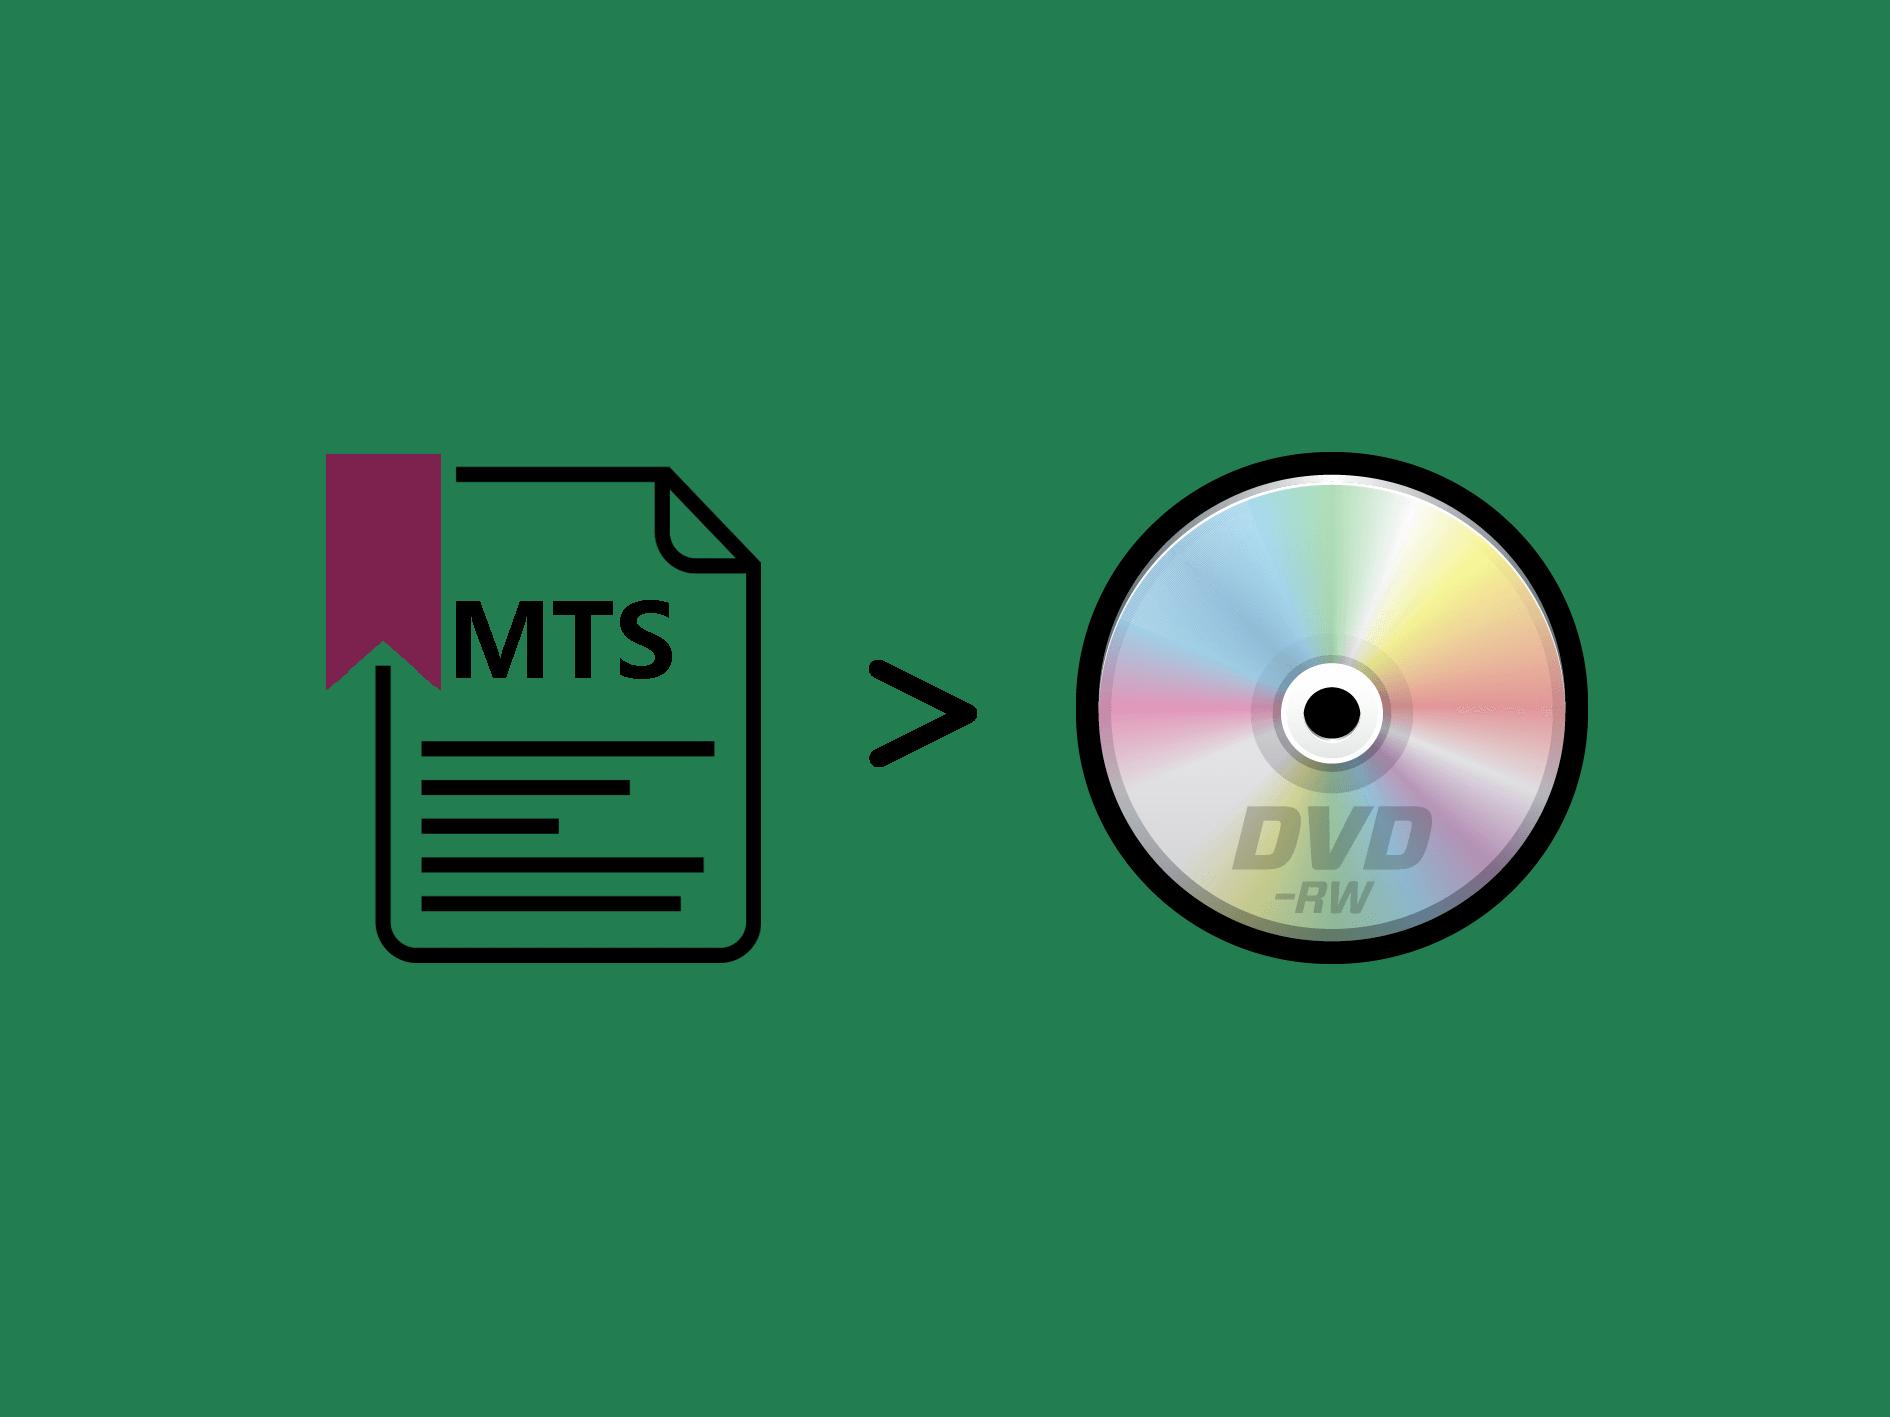 MTS動画をDVDに書き込む方法